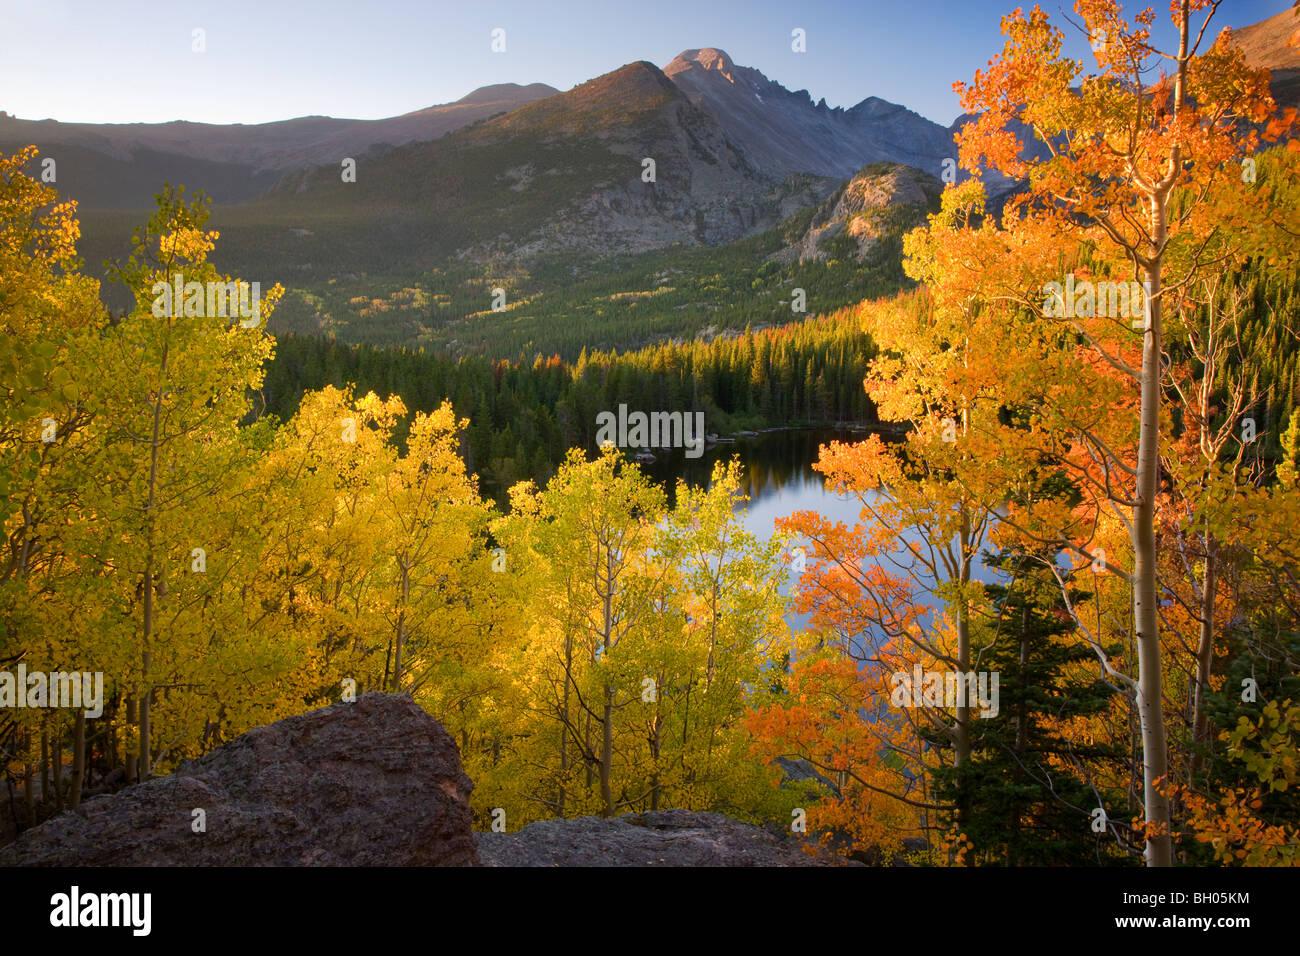 Colores de otoño en Bear Lake, el Parque Nacional de Rocky Mountain, Colorado. Imagen De Stock